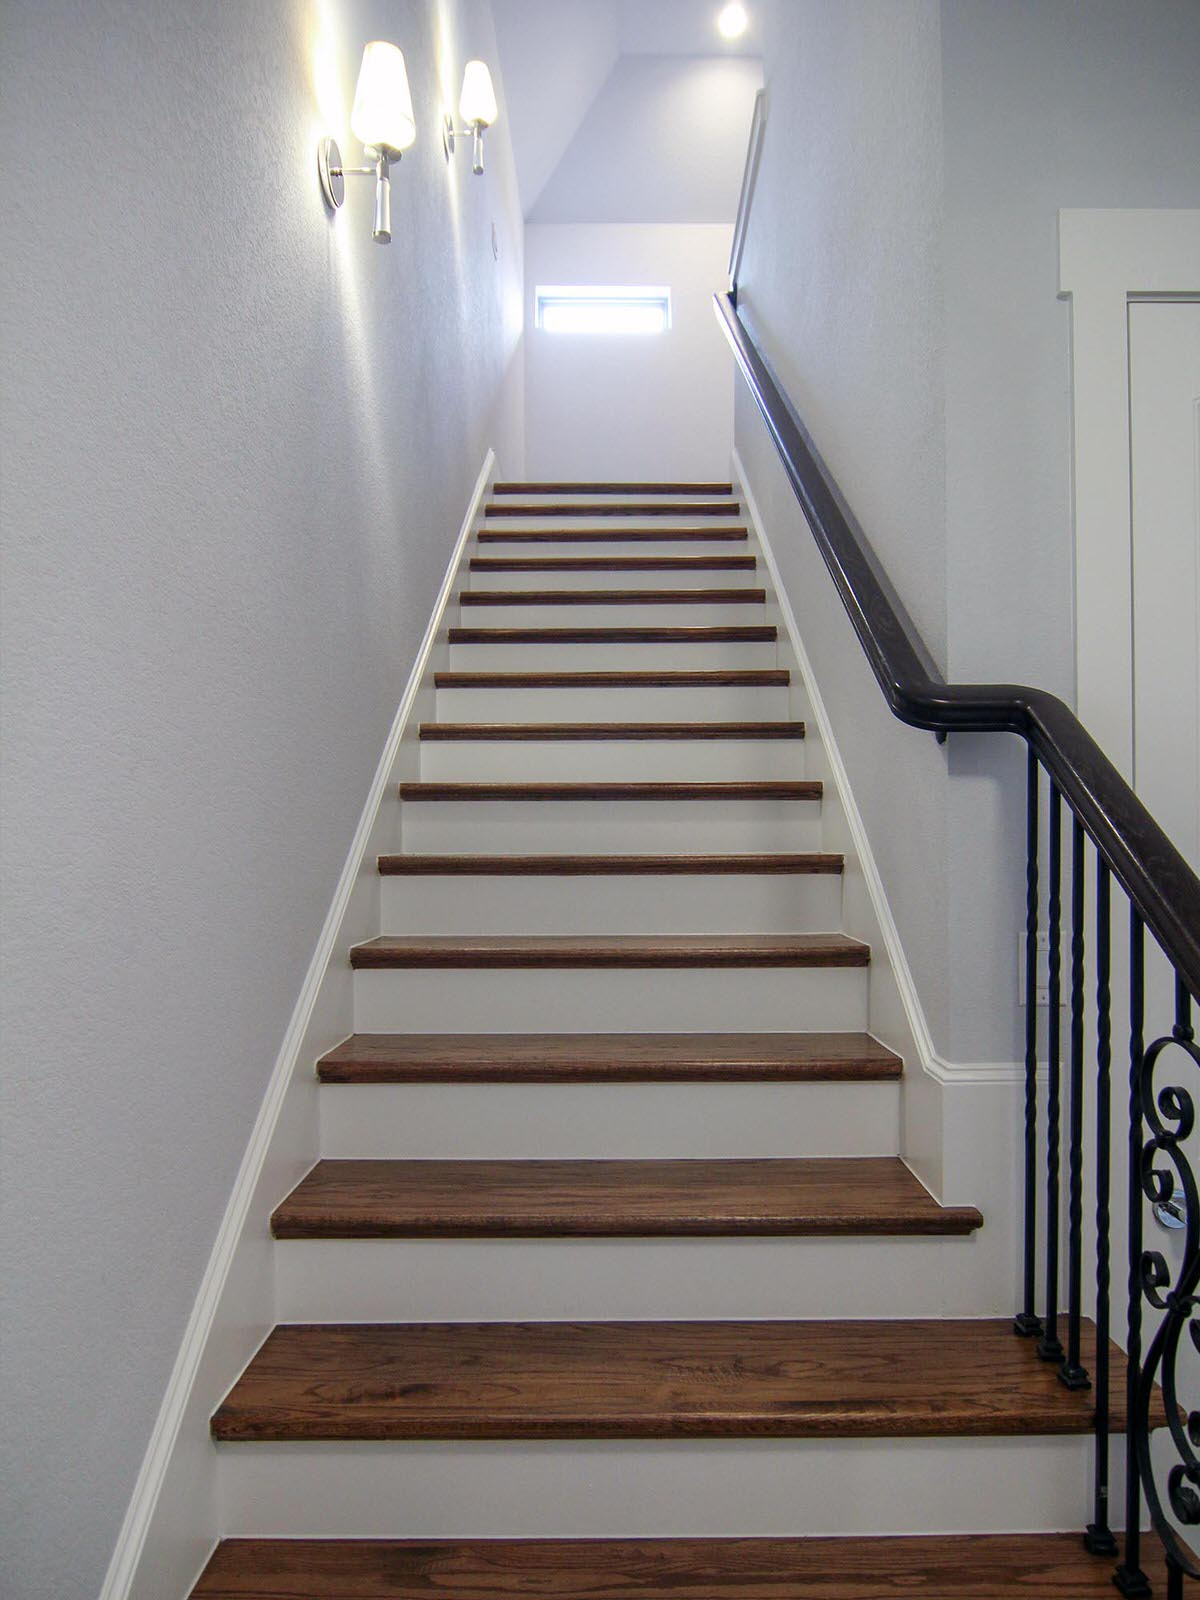 Stairs new.jpg